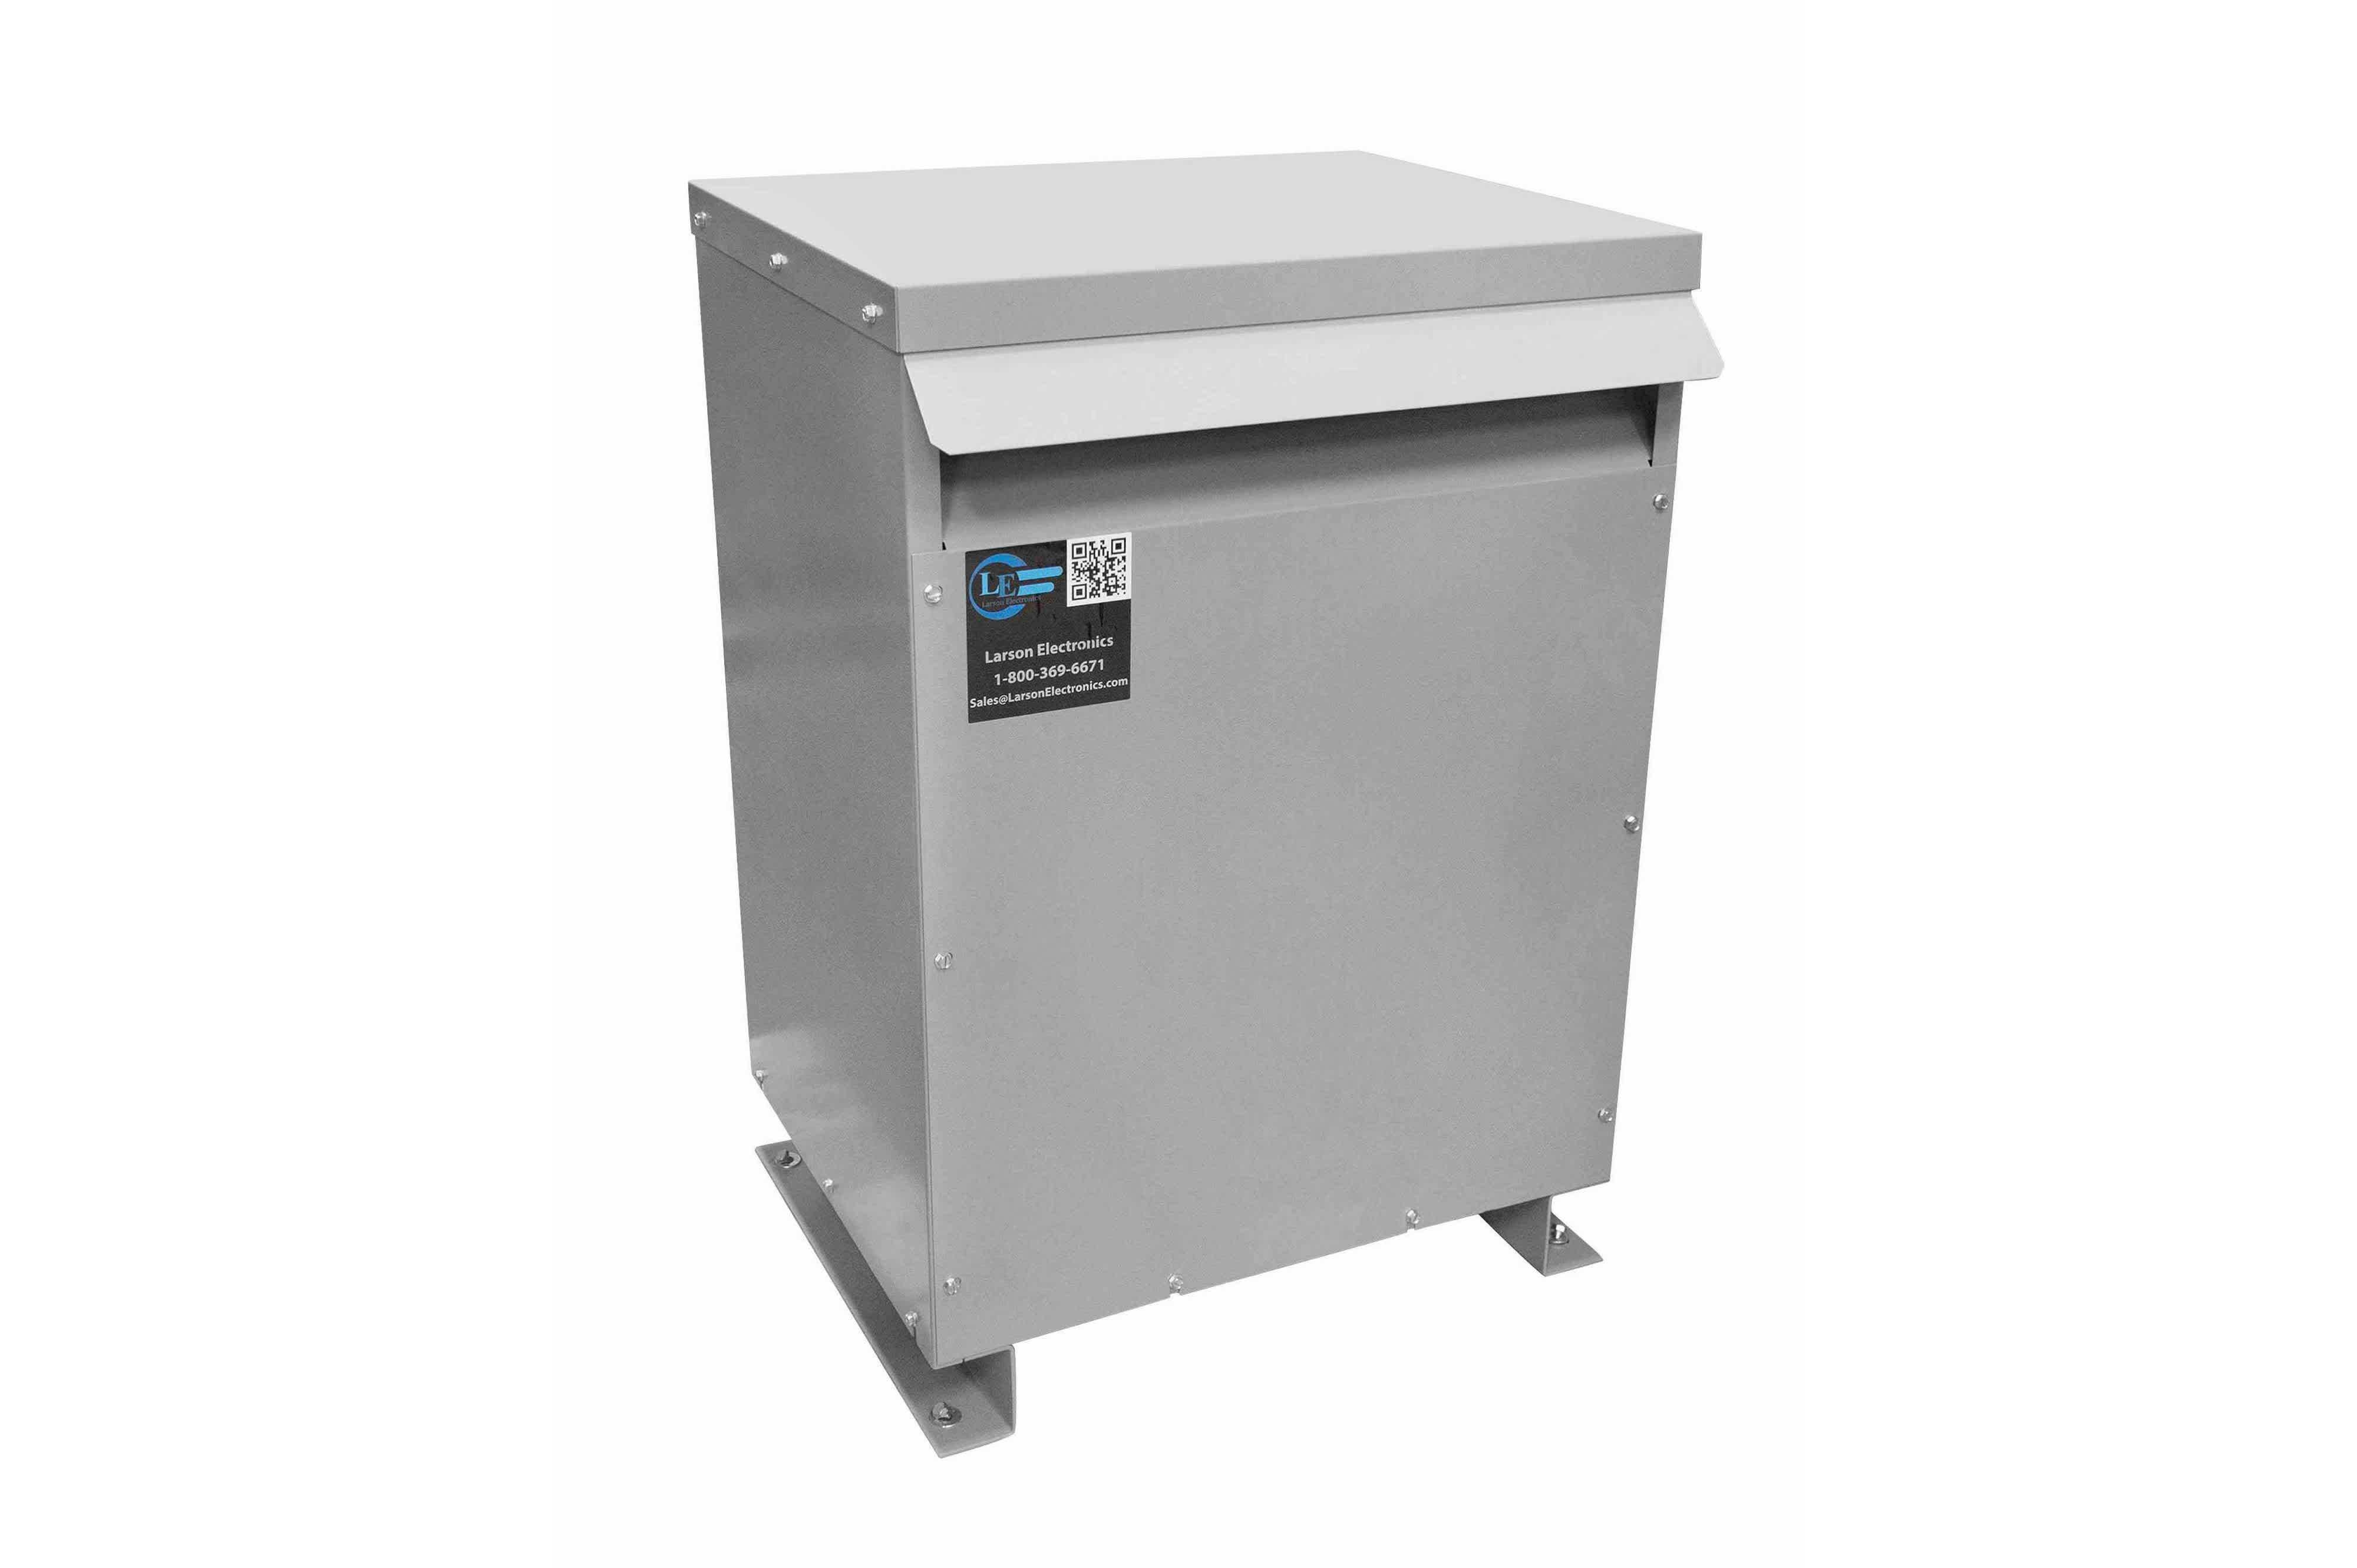 237.5 kVA 3PH Isolation Transformer, 380V Delta Primary, 208V Delta Secondary, N3R, Ventilated, 60 Hz